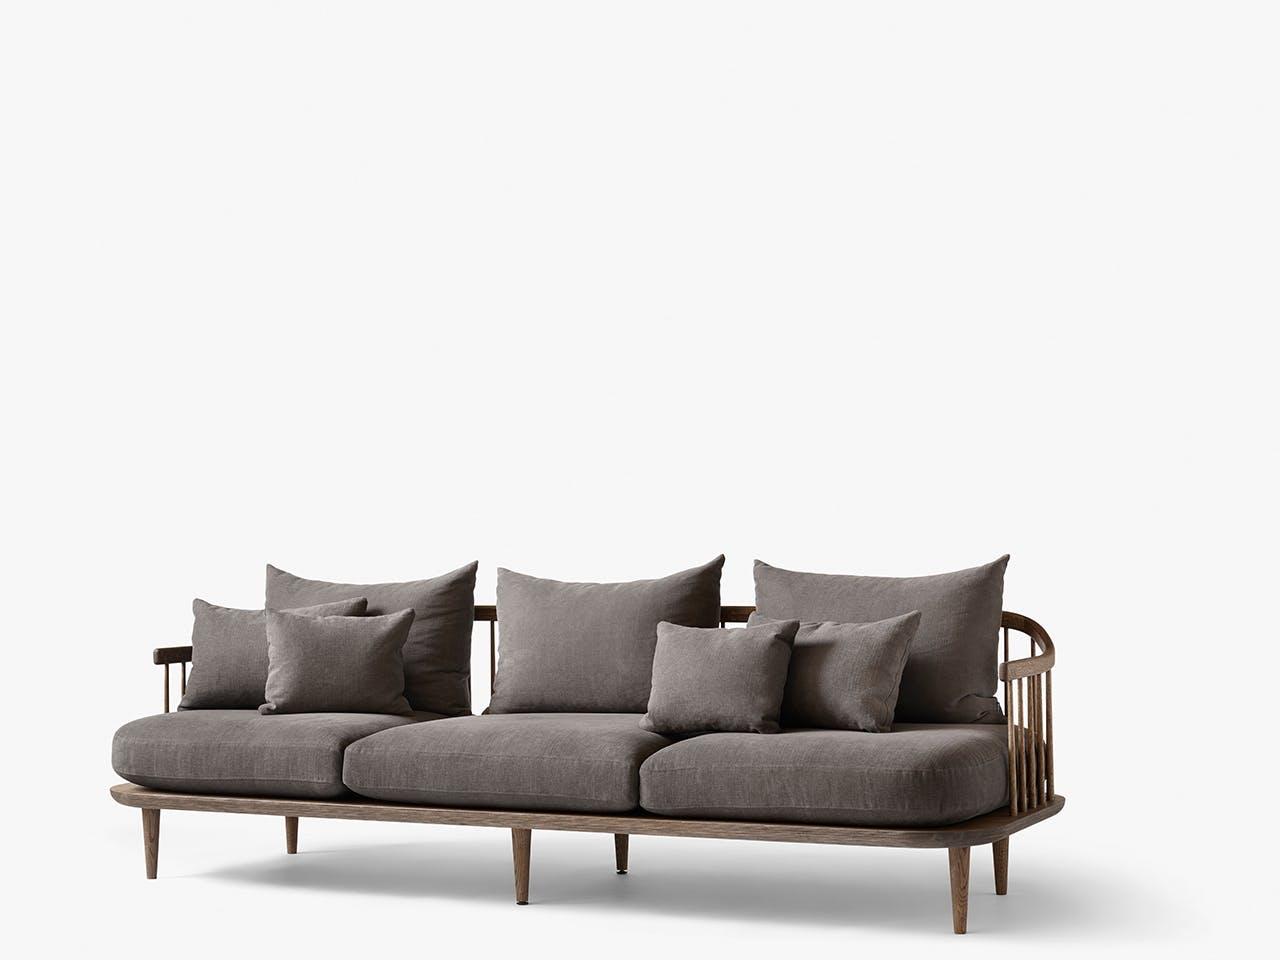 Sofa i grålige nuancer